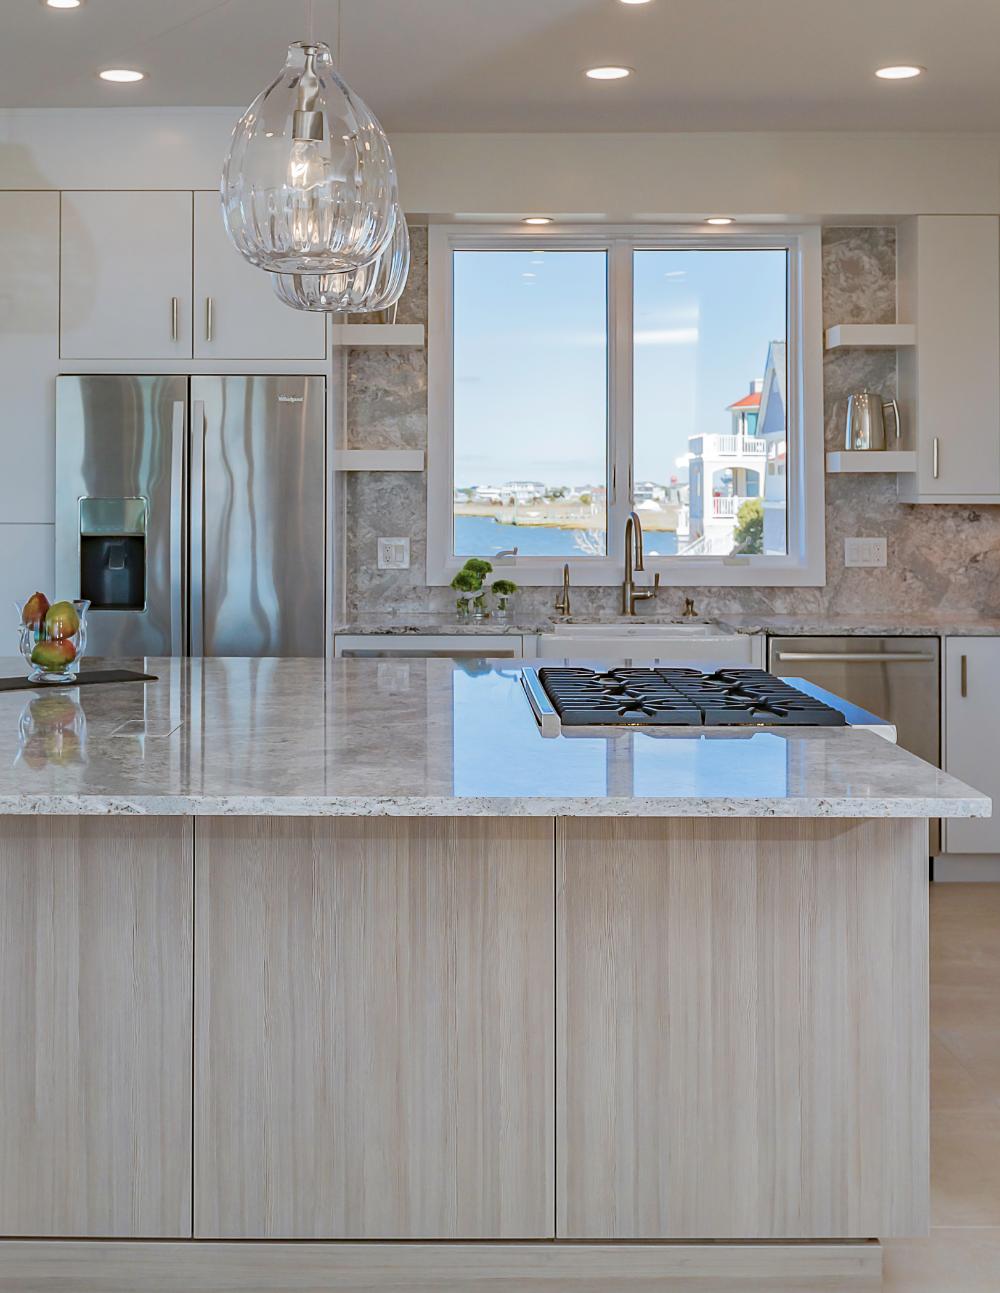 Grand Prize Winner Current Kitchen Cindy Kelly Cindy Kelly Kitchen Design Modern Mood Door Style Kitchen And Bath Design Coastal Kitchen Design Kitchen Design